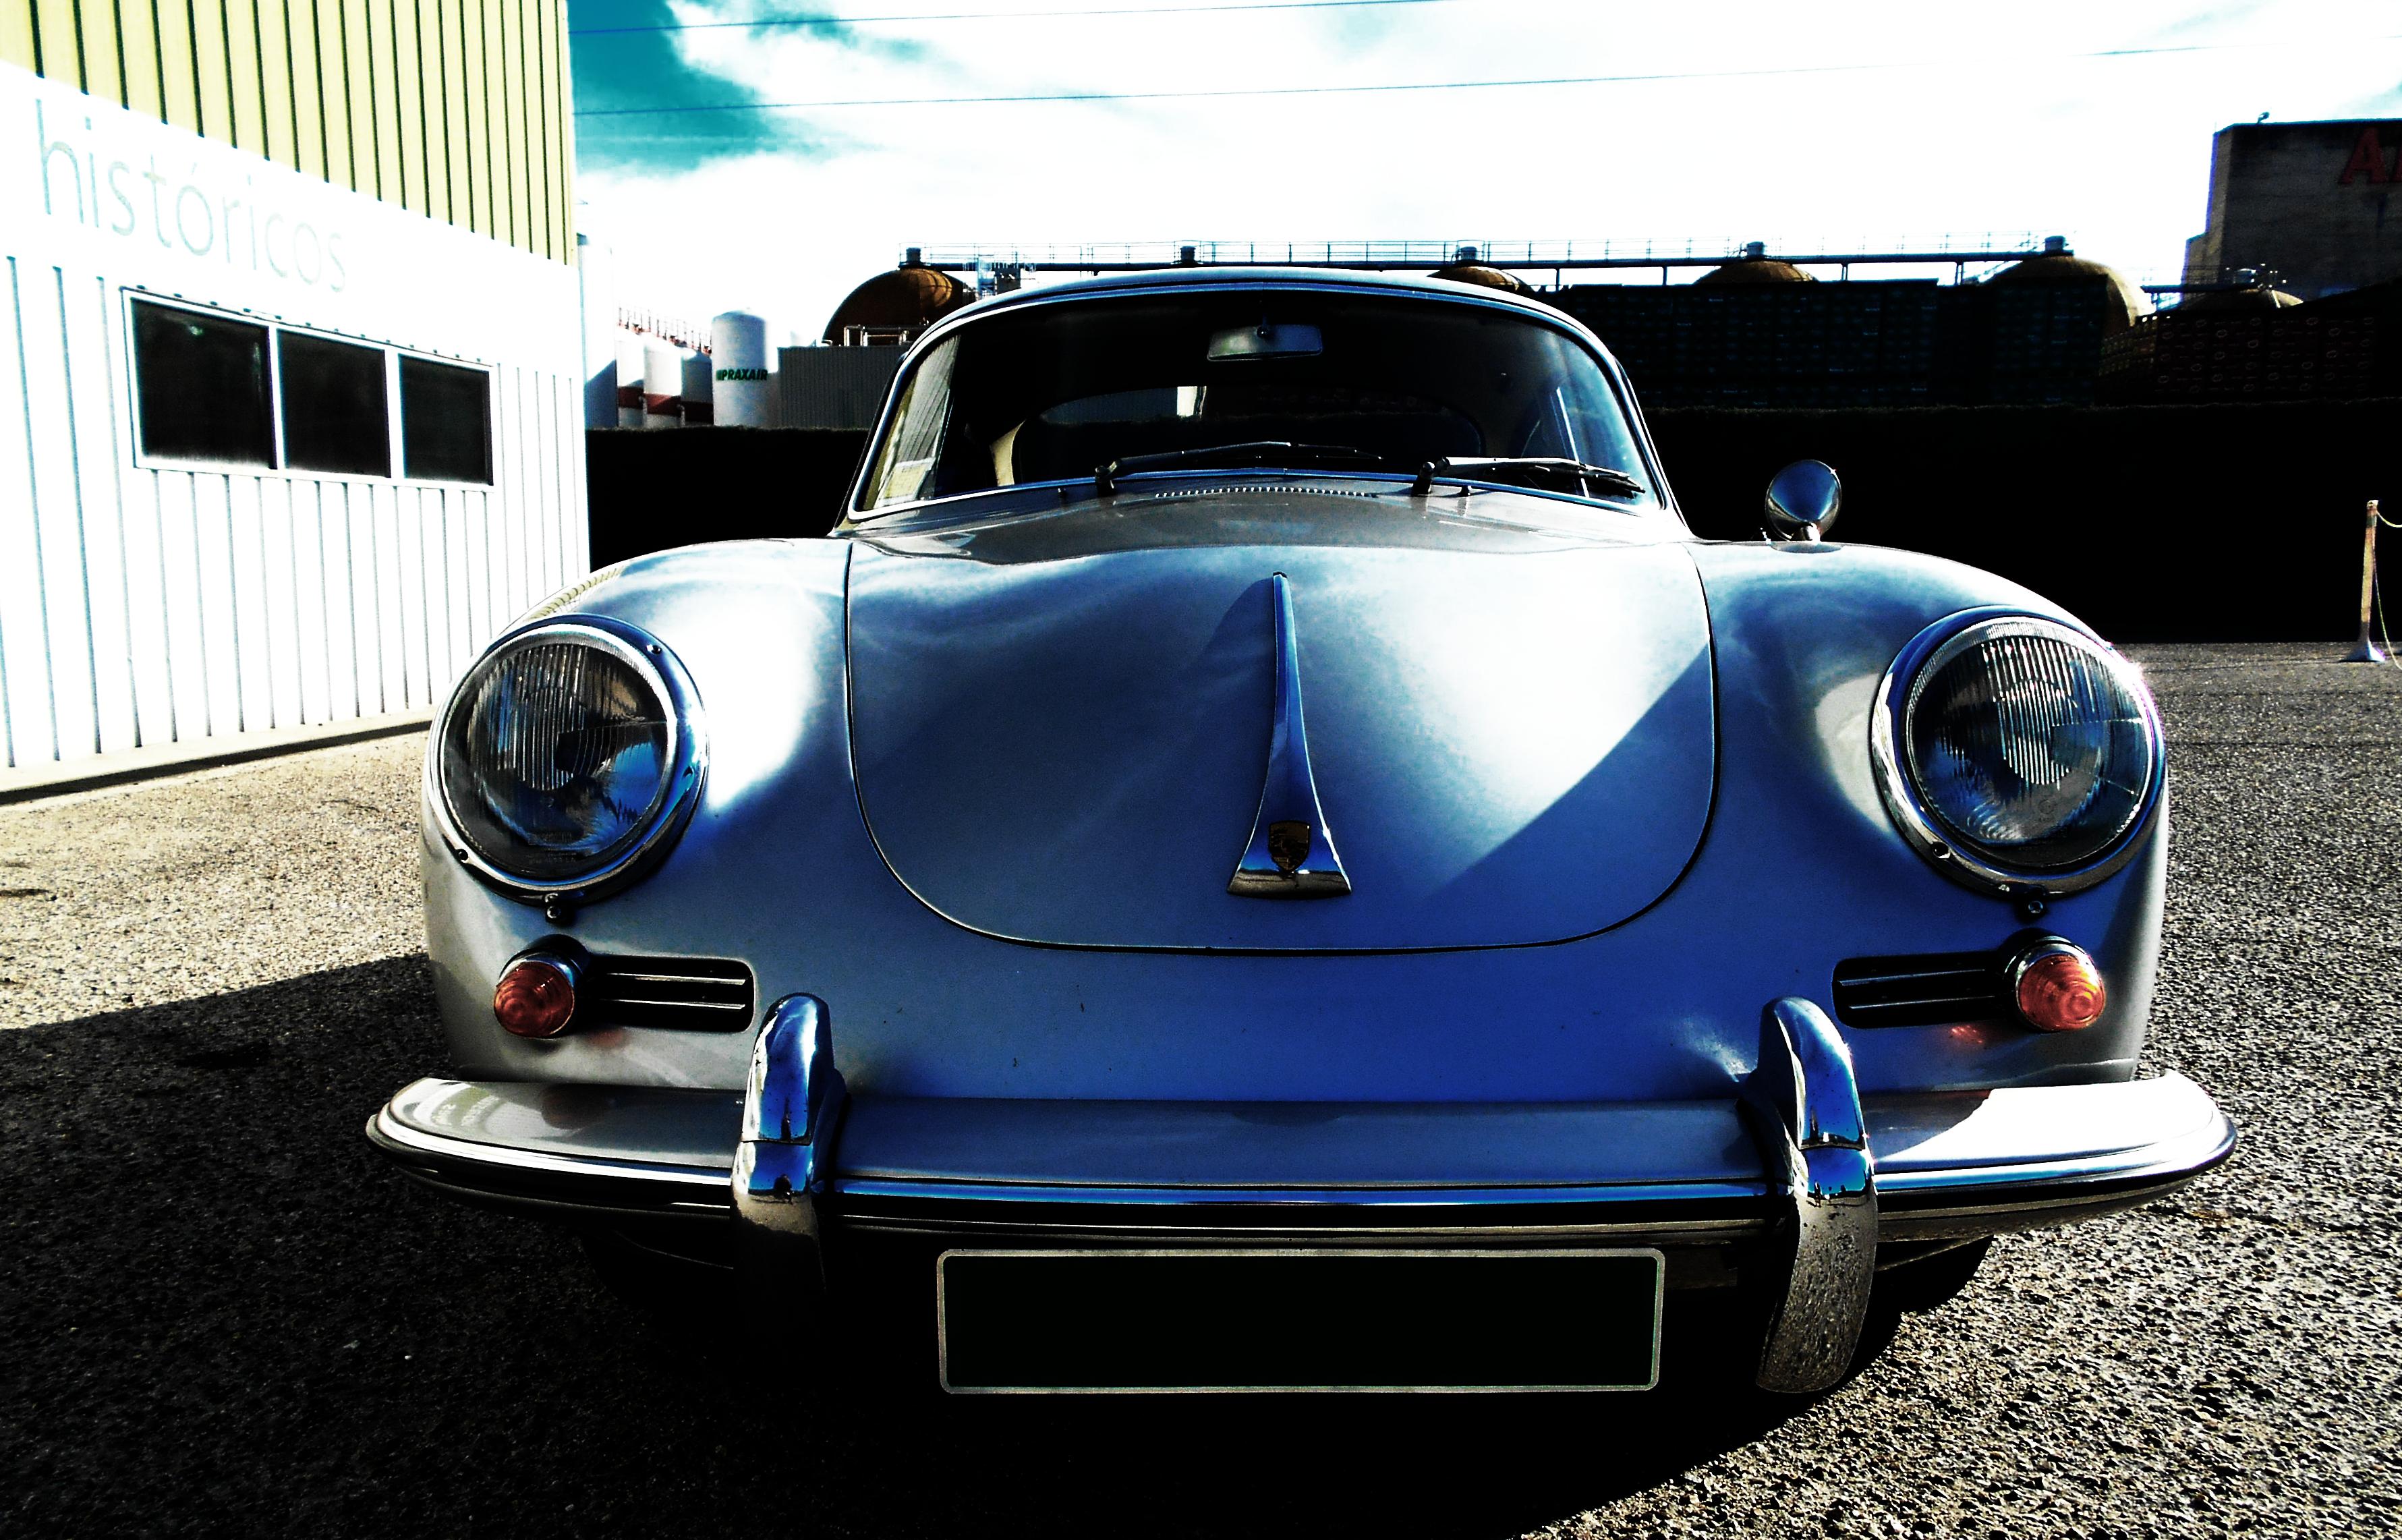 El Porsche 356b y sus típios faros redondos